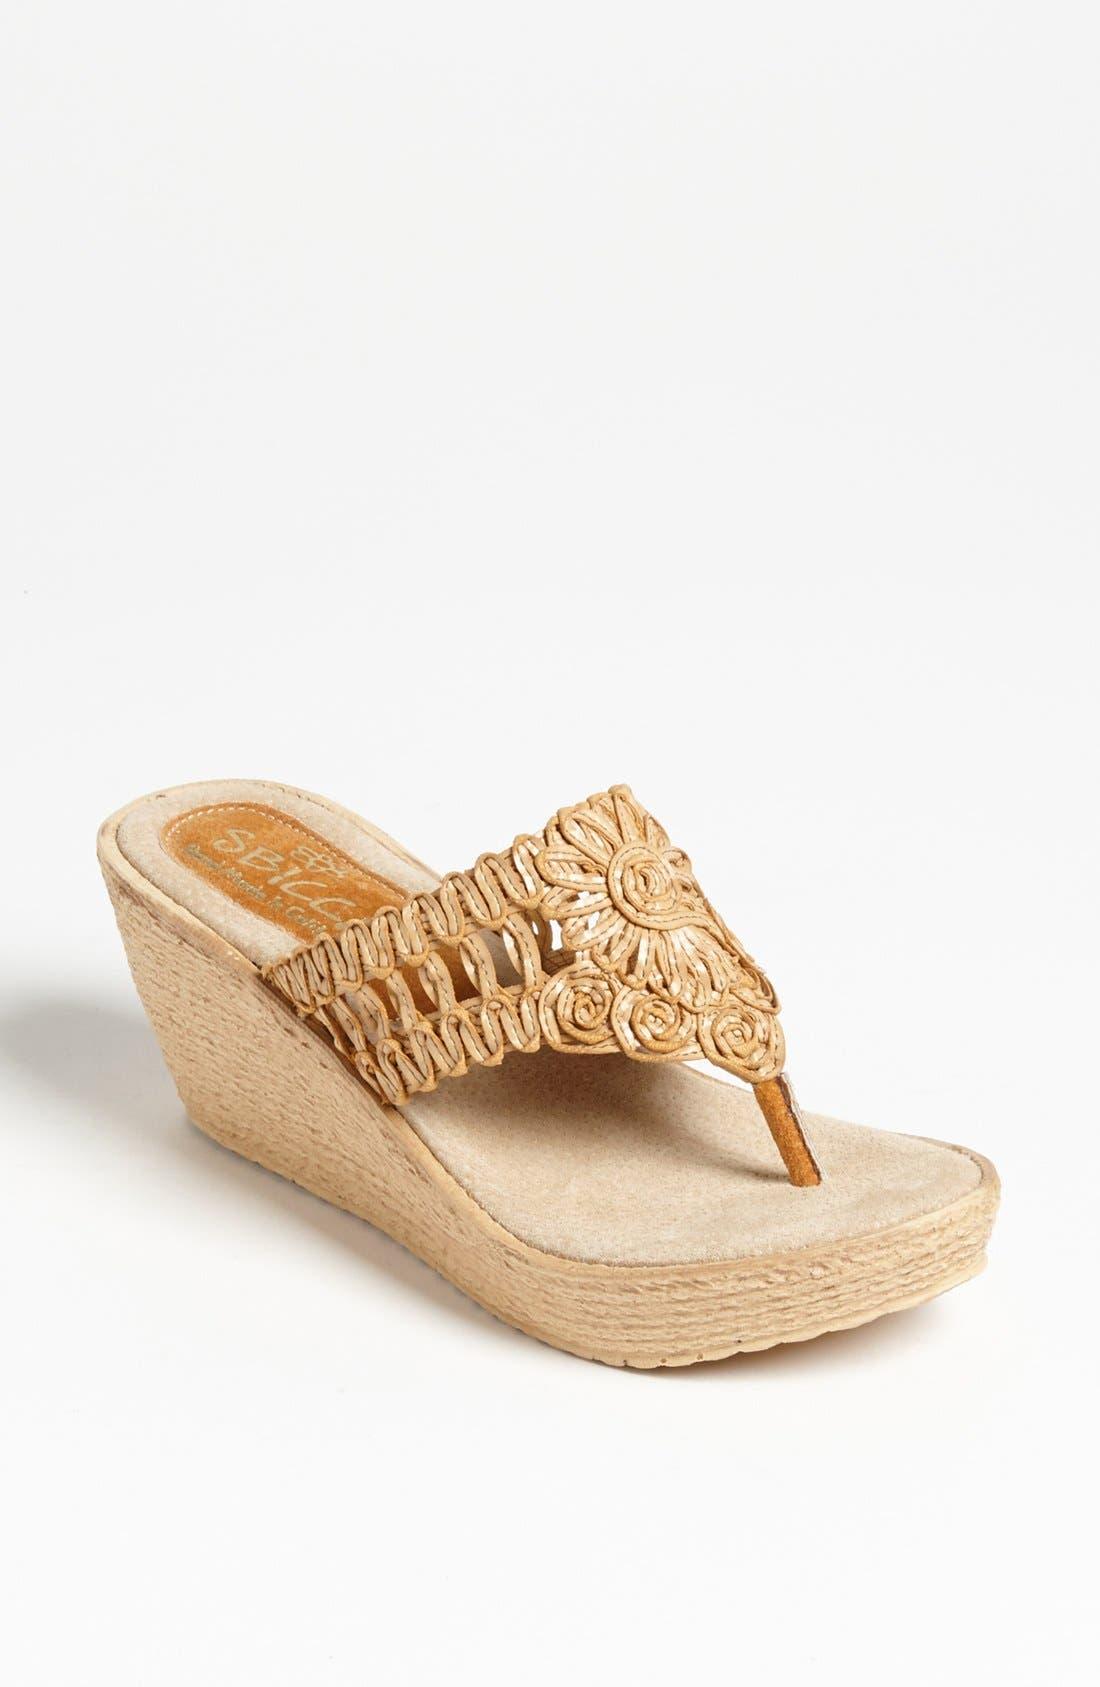 Main Image - Sbicca 'Kalani' Flip Flop Wedge Sandal